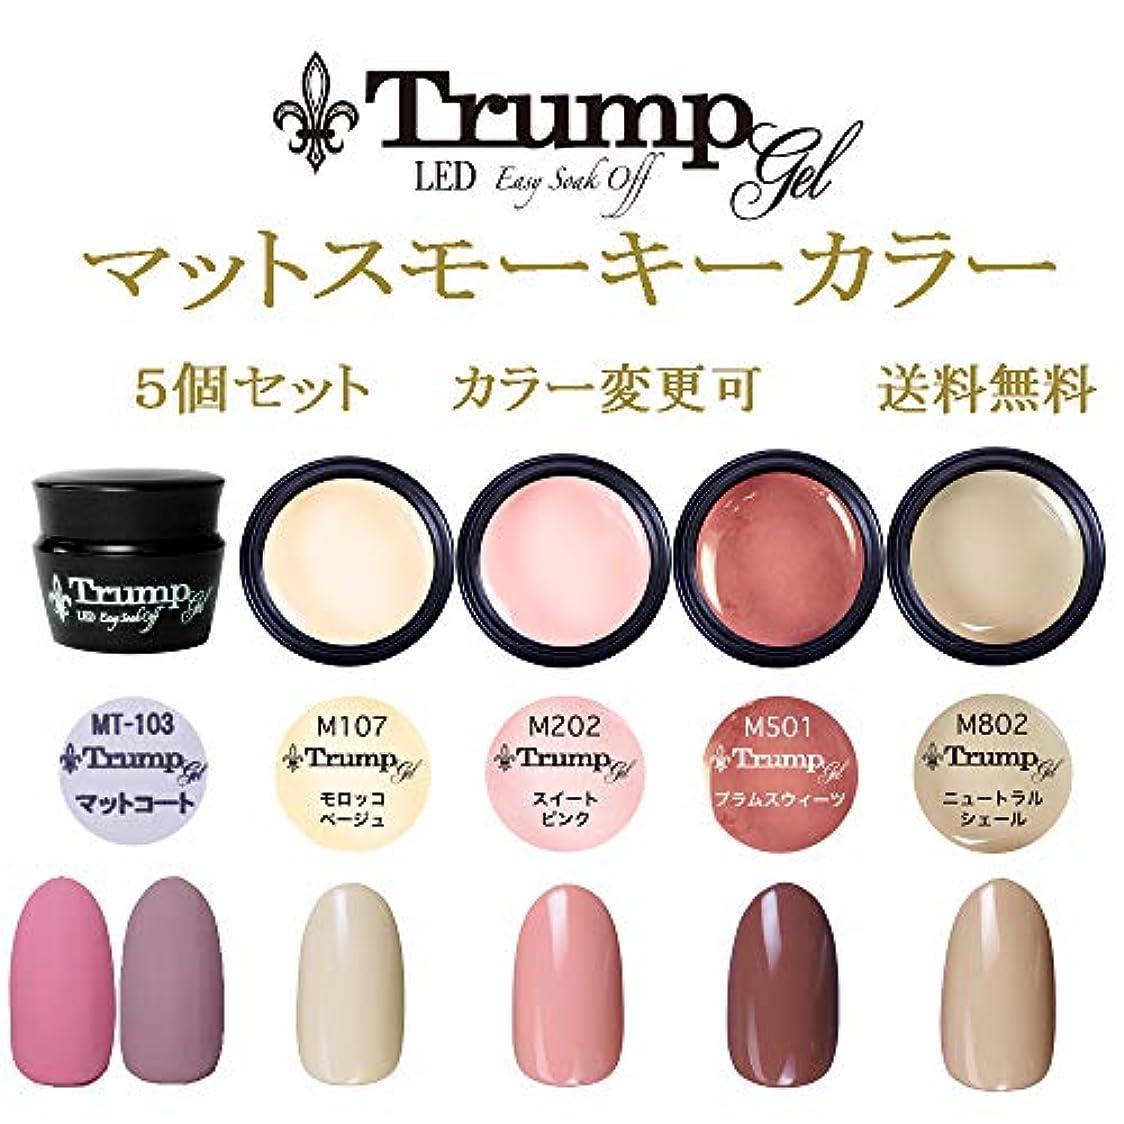 スクワイア退屈させる臭い【送料無料】日本製 Trump gel トランプジェル マットスモーキー カラージェル 5個セット 魅惑のフロストマットトップとマットに合う人気カラーをチョイス